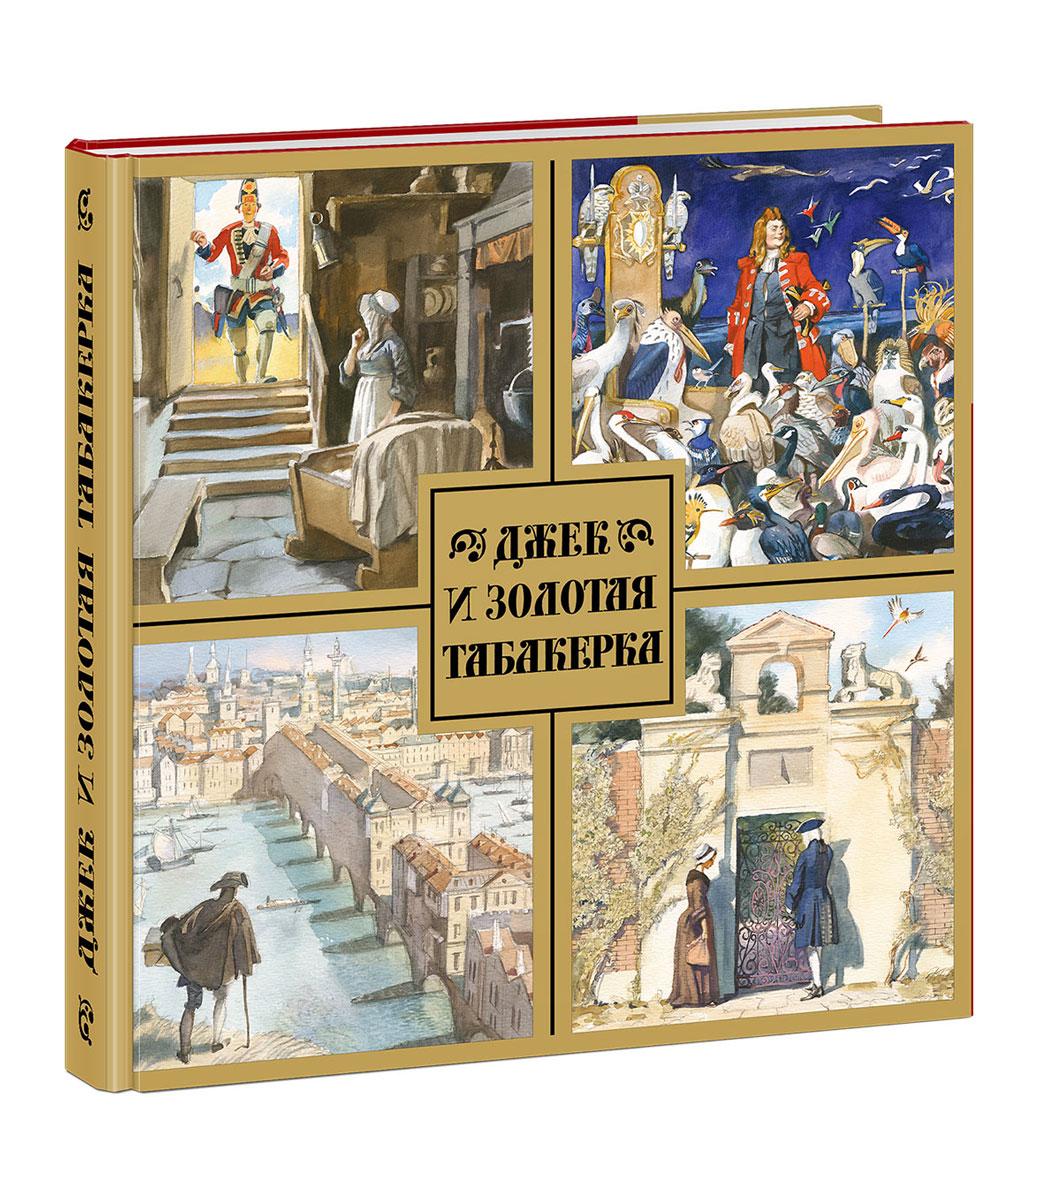 Джек и золотая табакерка ISBN: 978-5-4335-0611-4